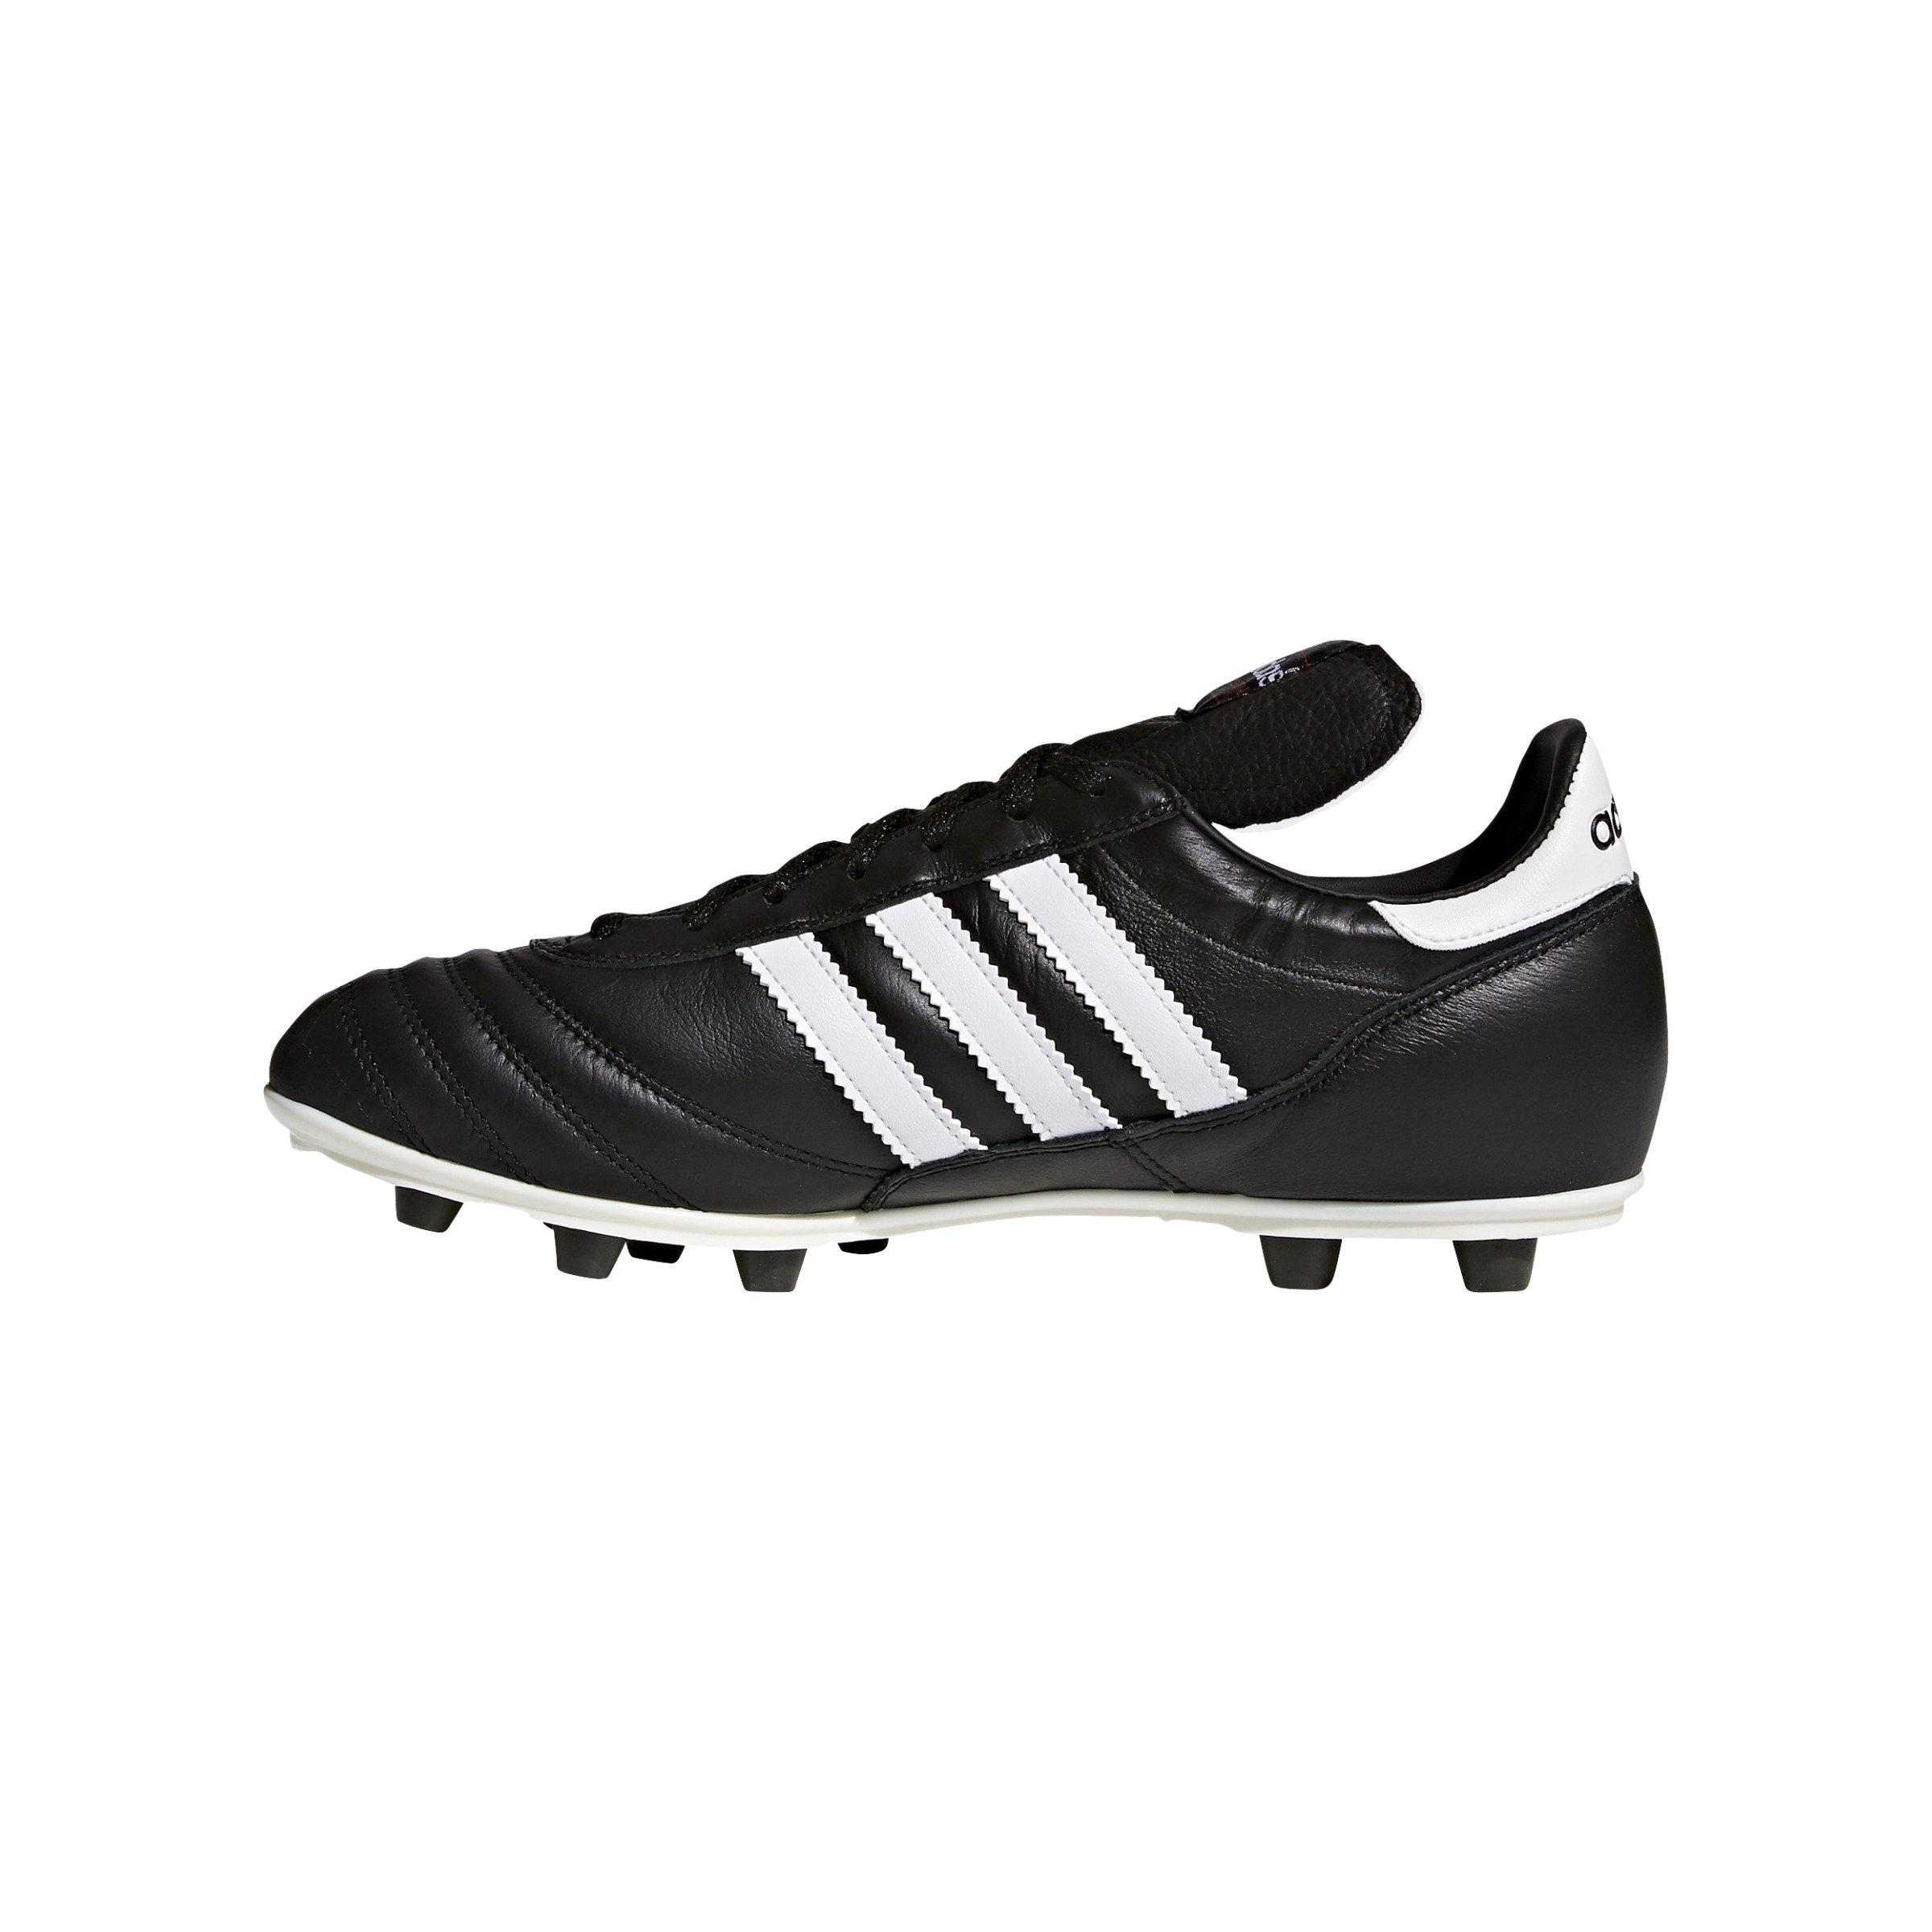 adidas Copa Mundial | Fussballschuhe besticken | Mach Dein Schuh